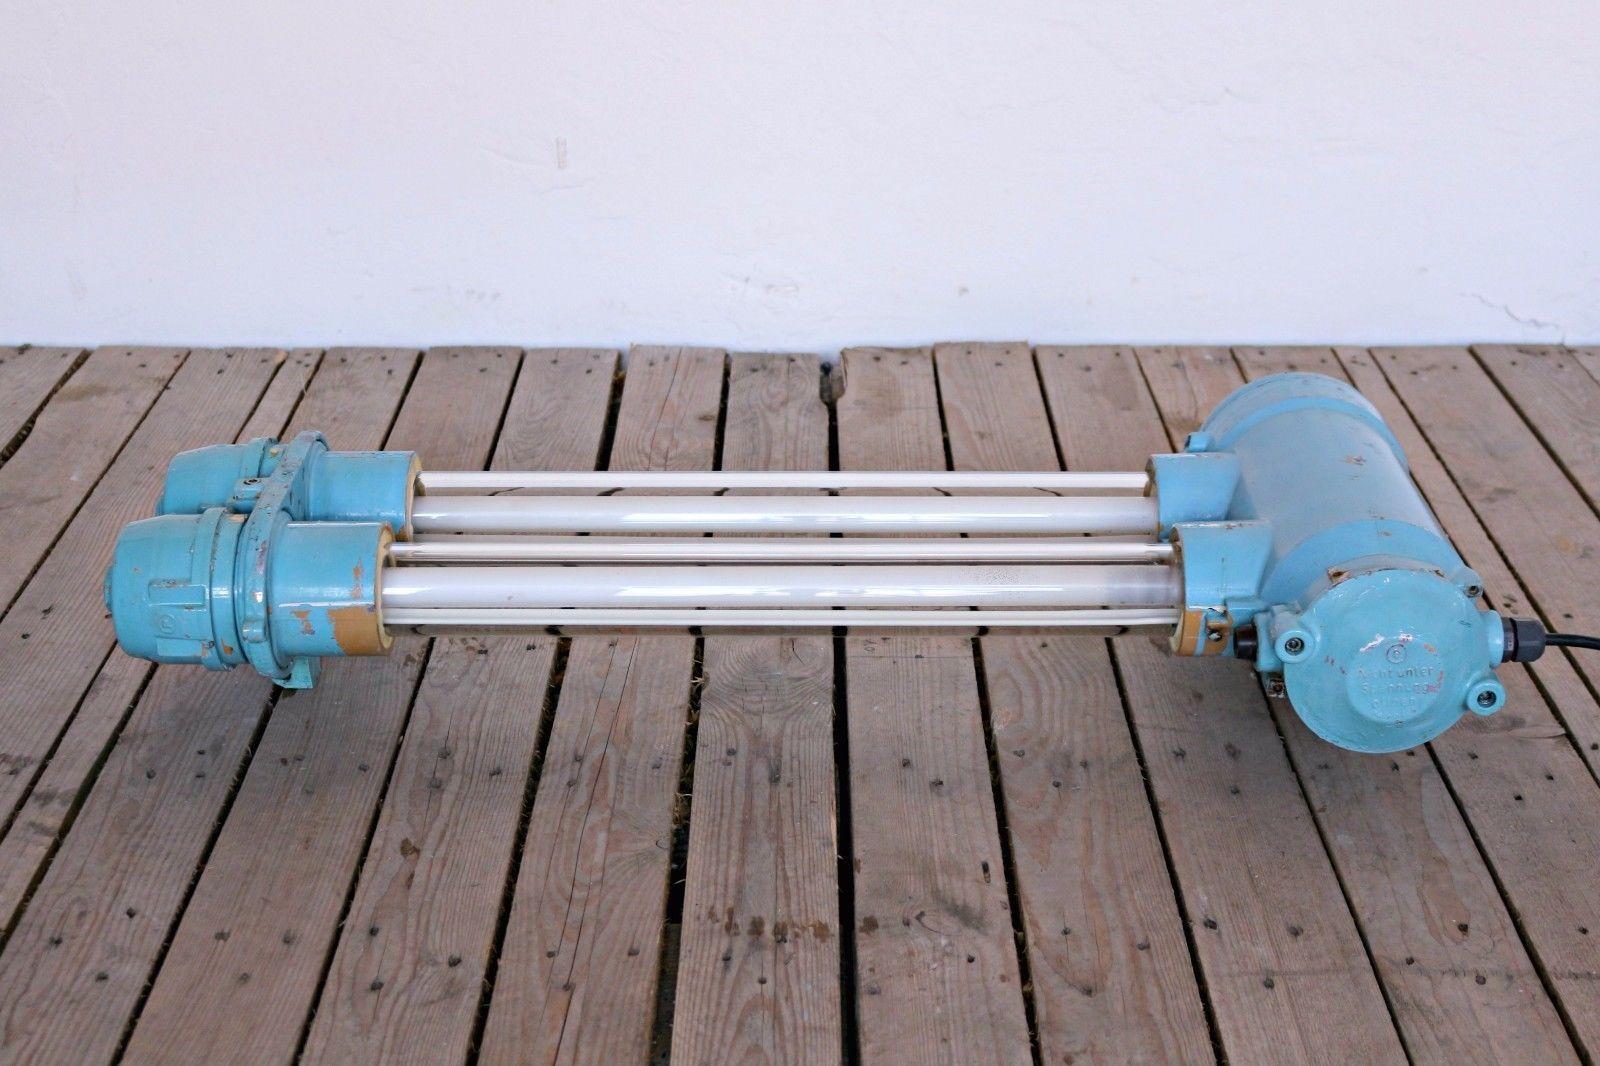 Kleine Blaue Industrielle Fluoreszierende Lampe von EOW, 1970er